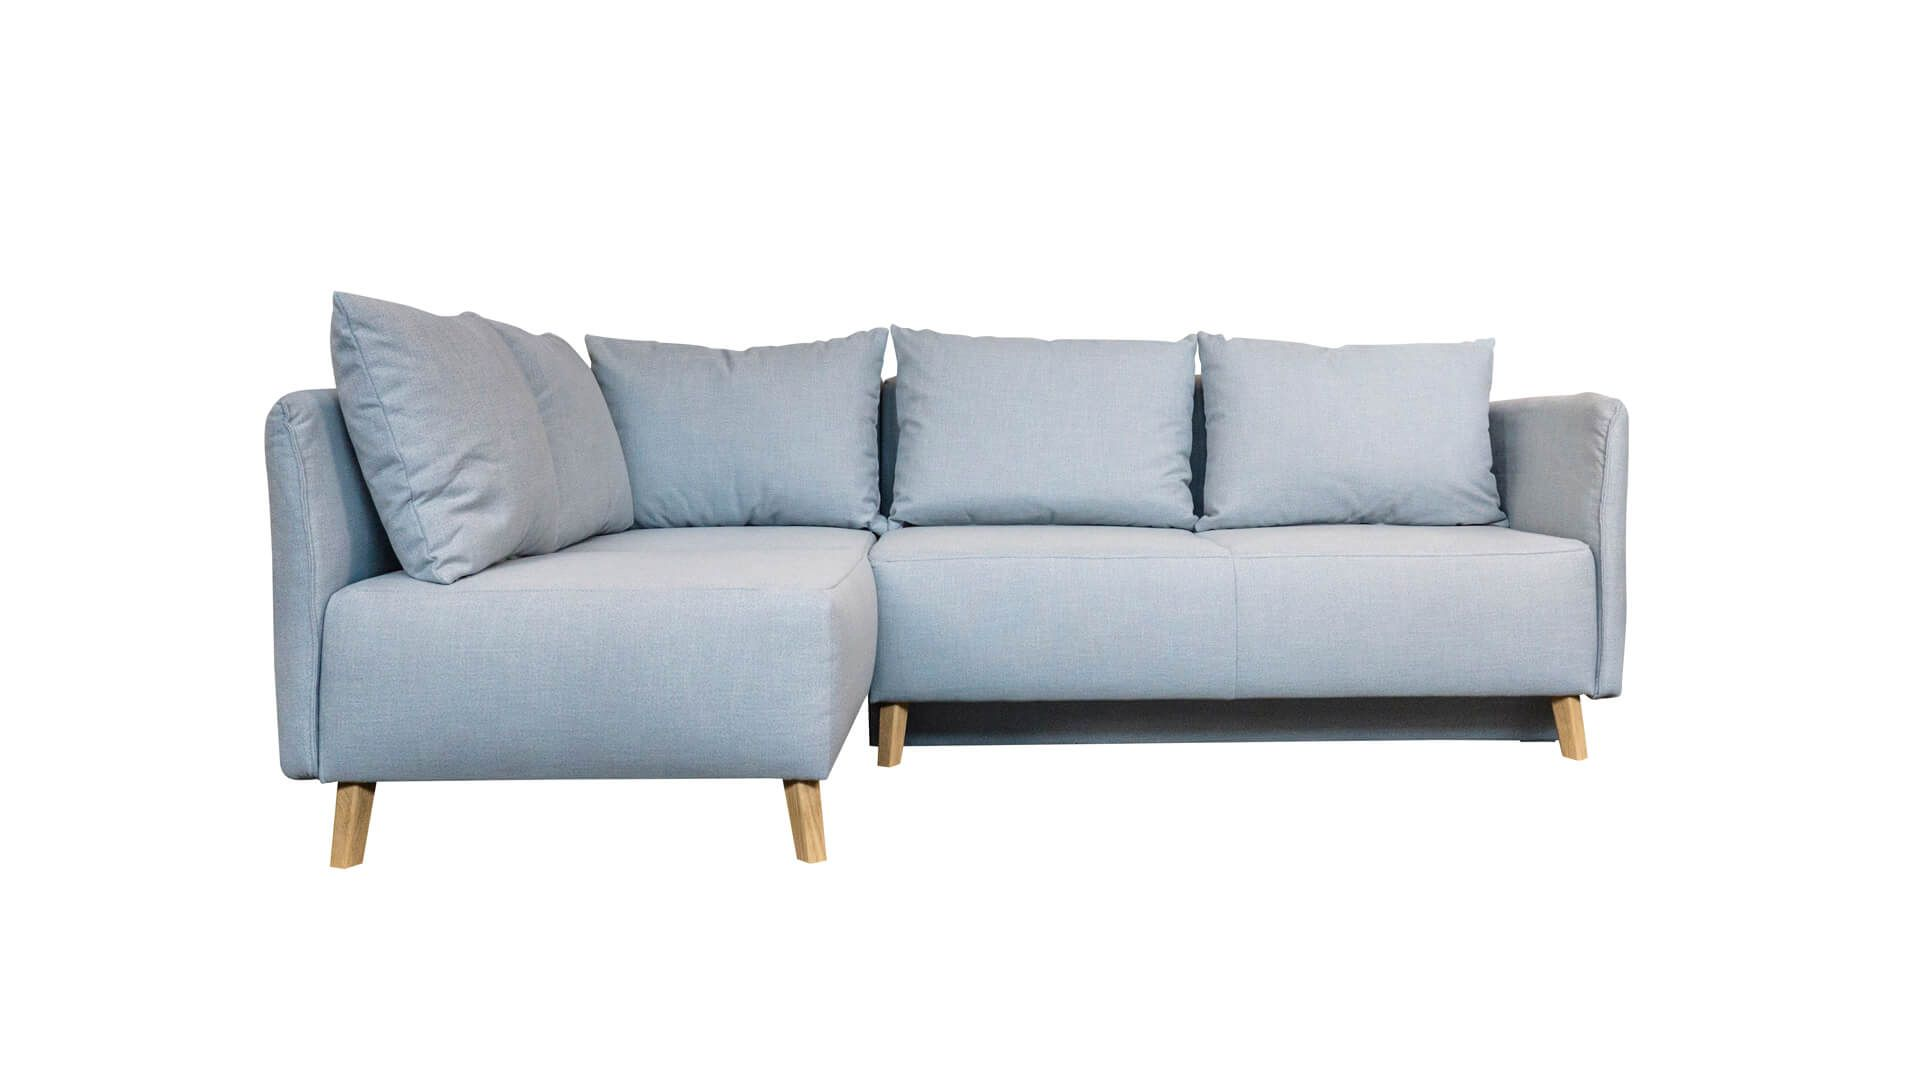 Ecksofa Mit Schlaffunktion Und Bettkasten Gunstig Im Sofadepot Moderne Couch Couch Mobel Sofa Mit Schlaffunktion